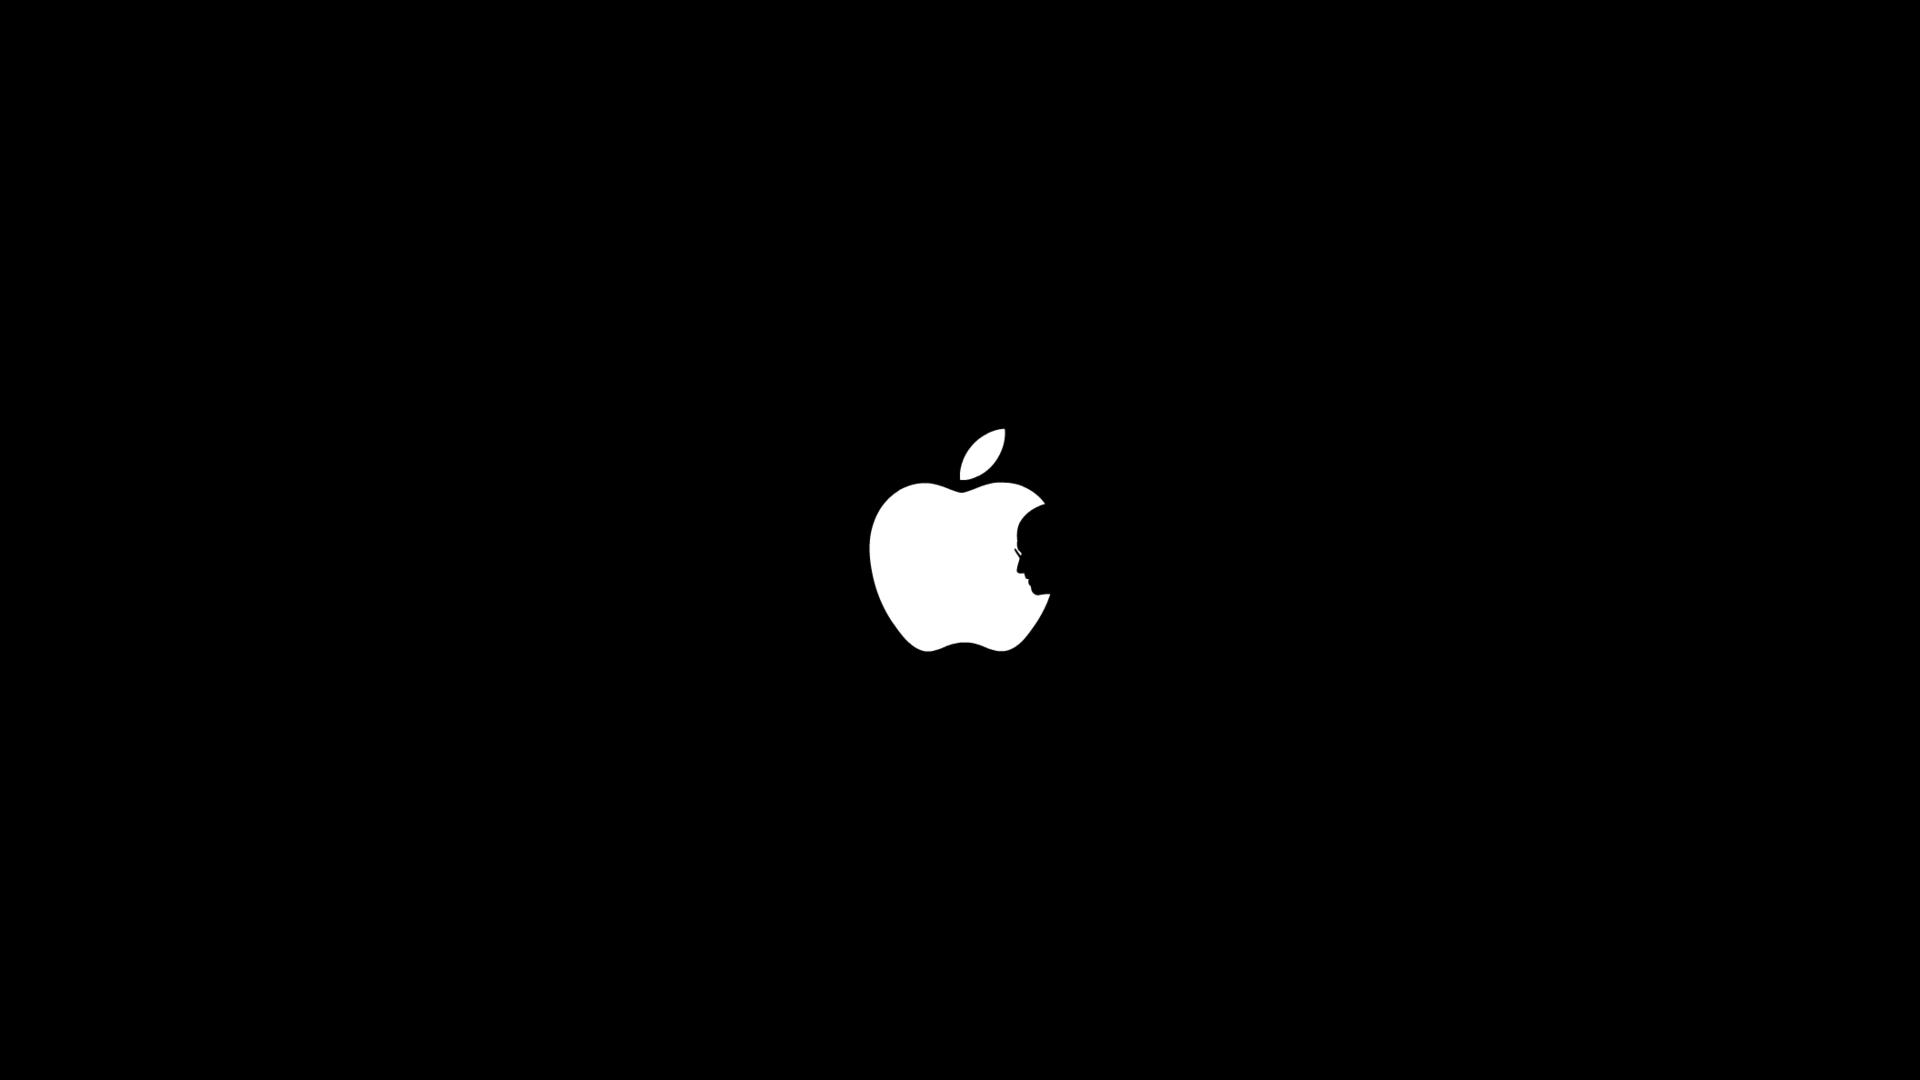 Fondos De Pantalla Minimalismo Logo Apple Inc Oscuridad